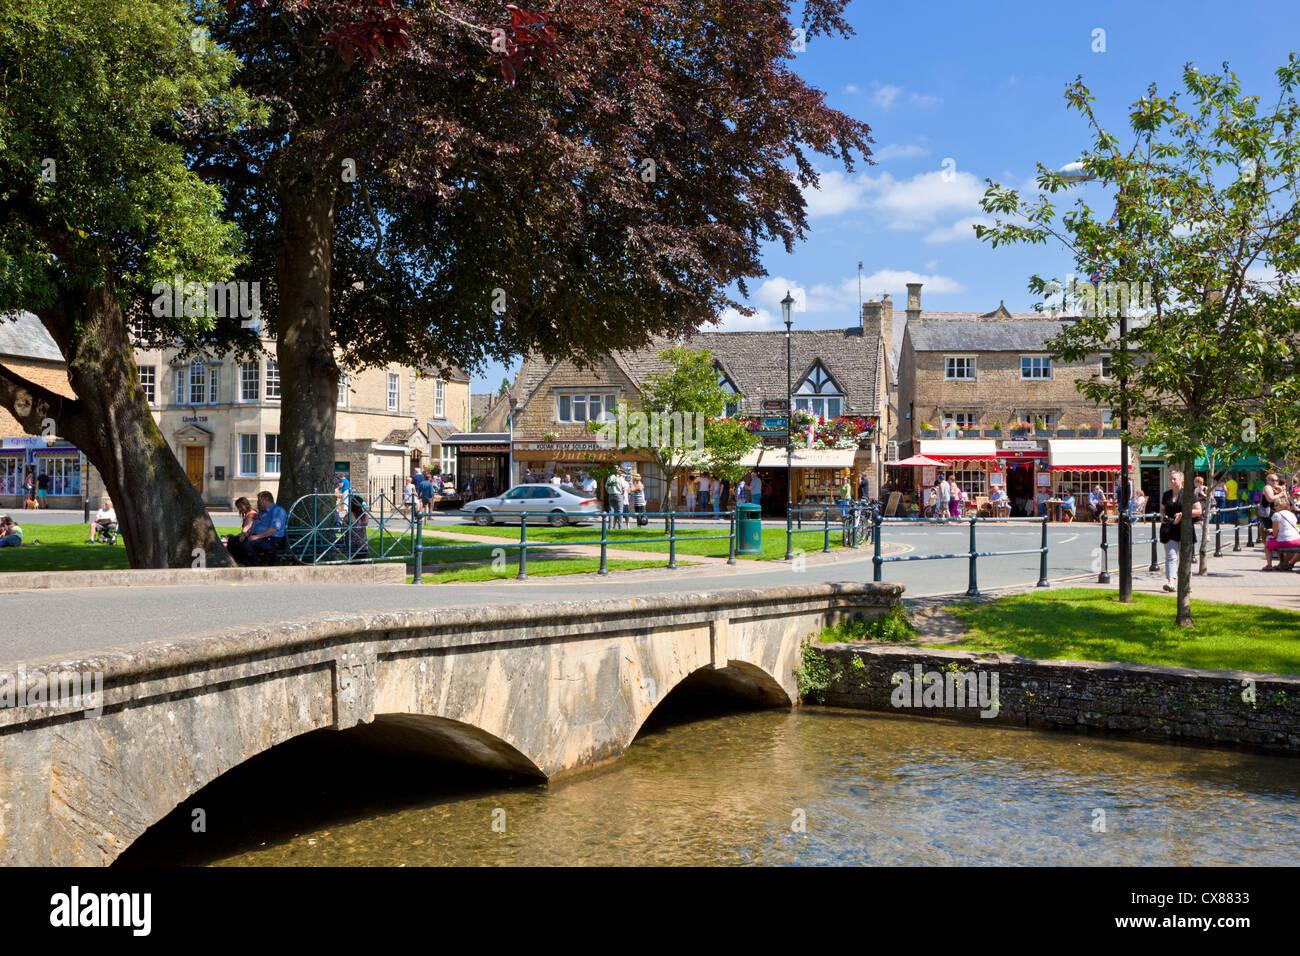 Bourton sull'acqua village center Cotswolds Gloucestershire England Regno Unito GB EU Europe Foto Stock